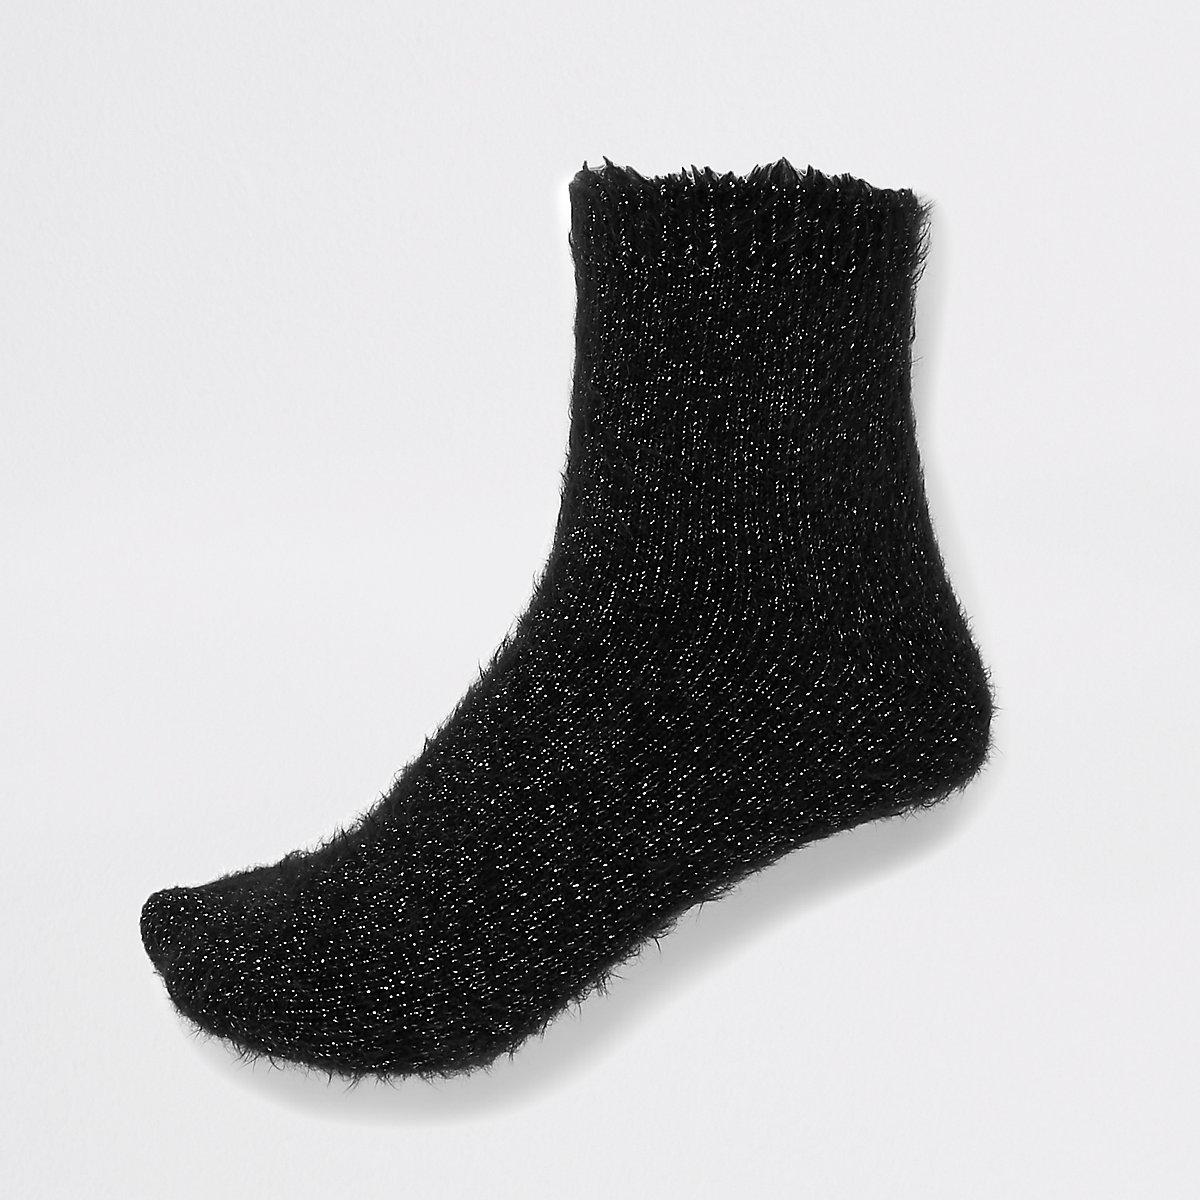 Black glitter fluffy socks